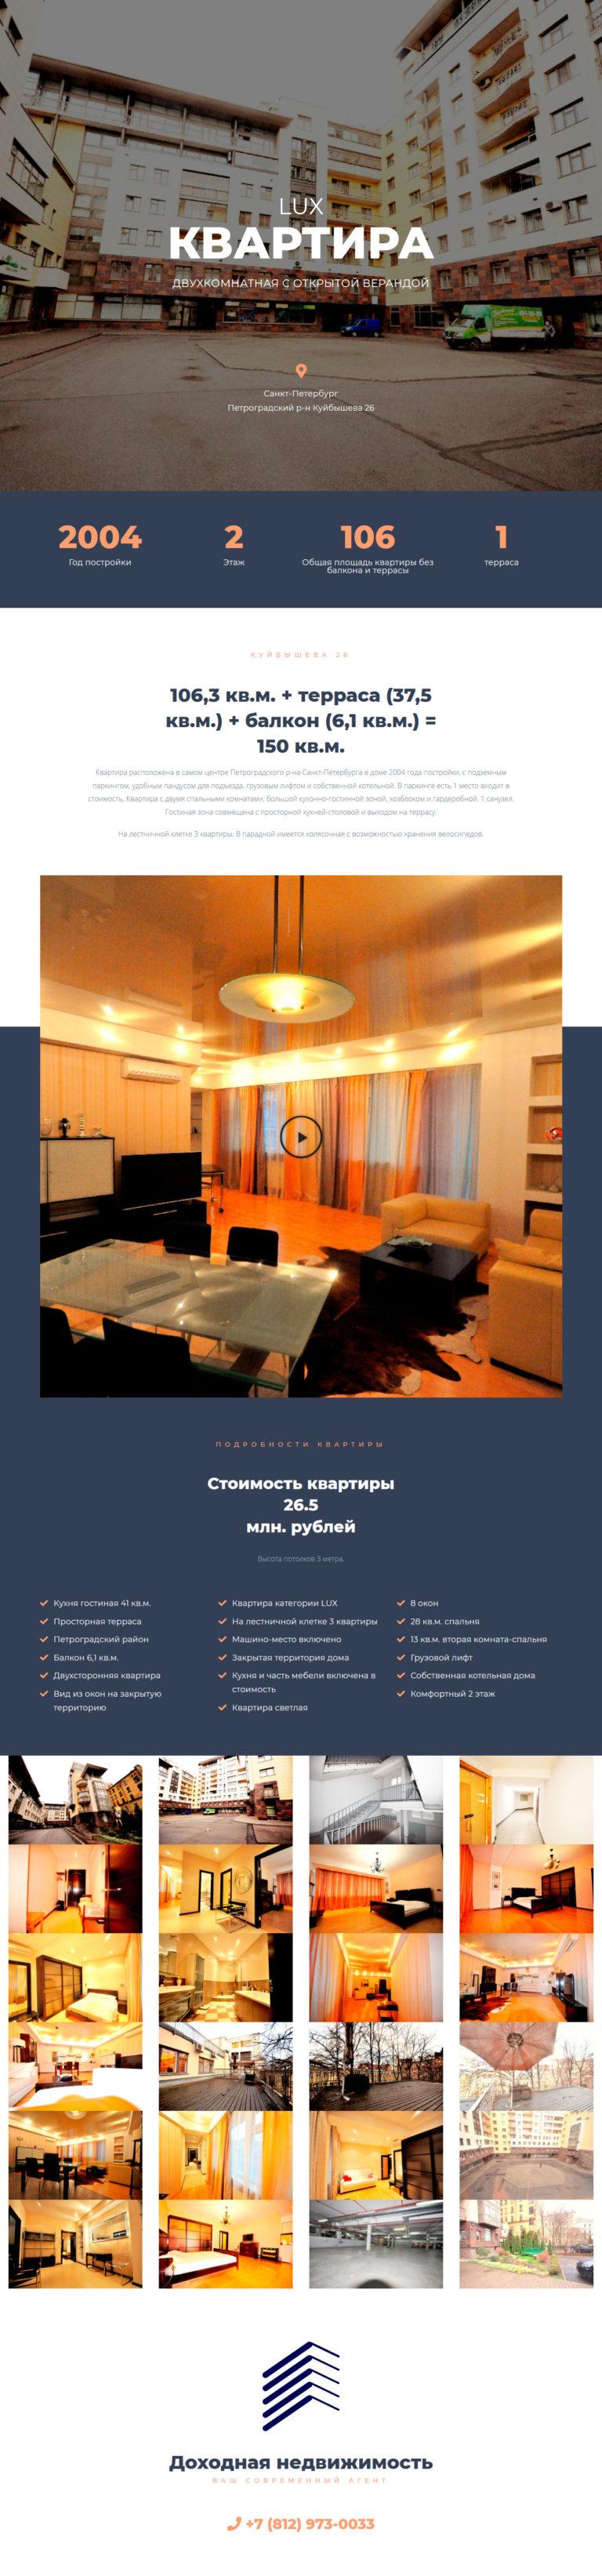 продать недвижимость без конкурентов